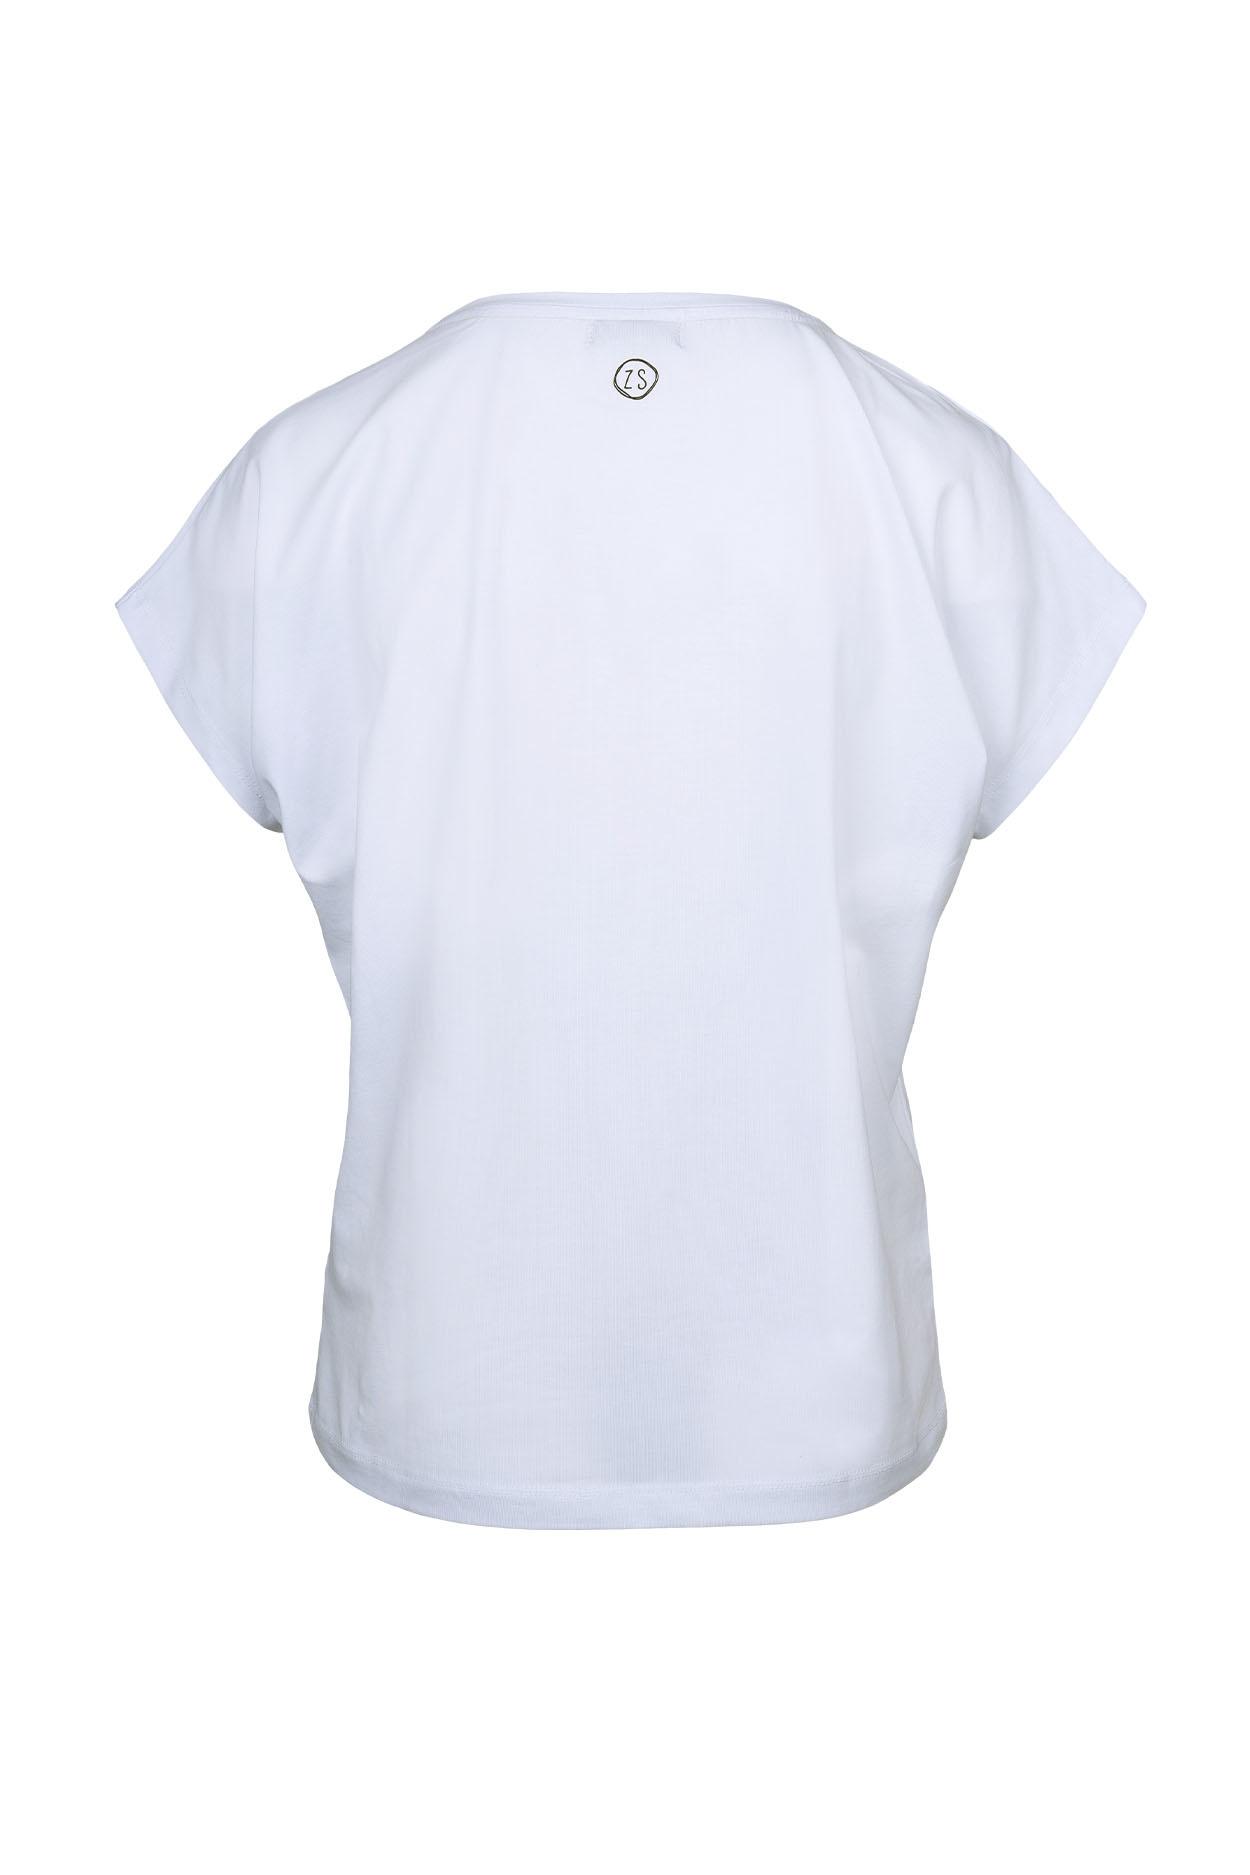 Zusss Zusss tof basic t-shirt wit